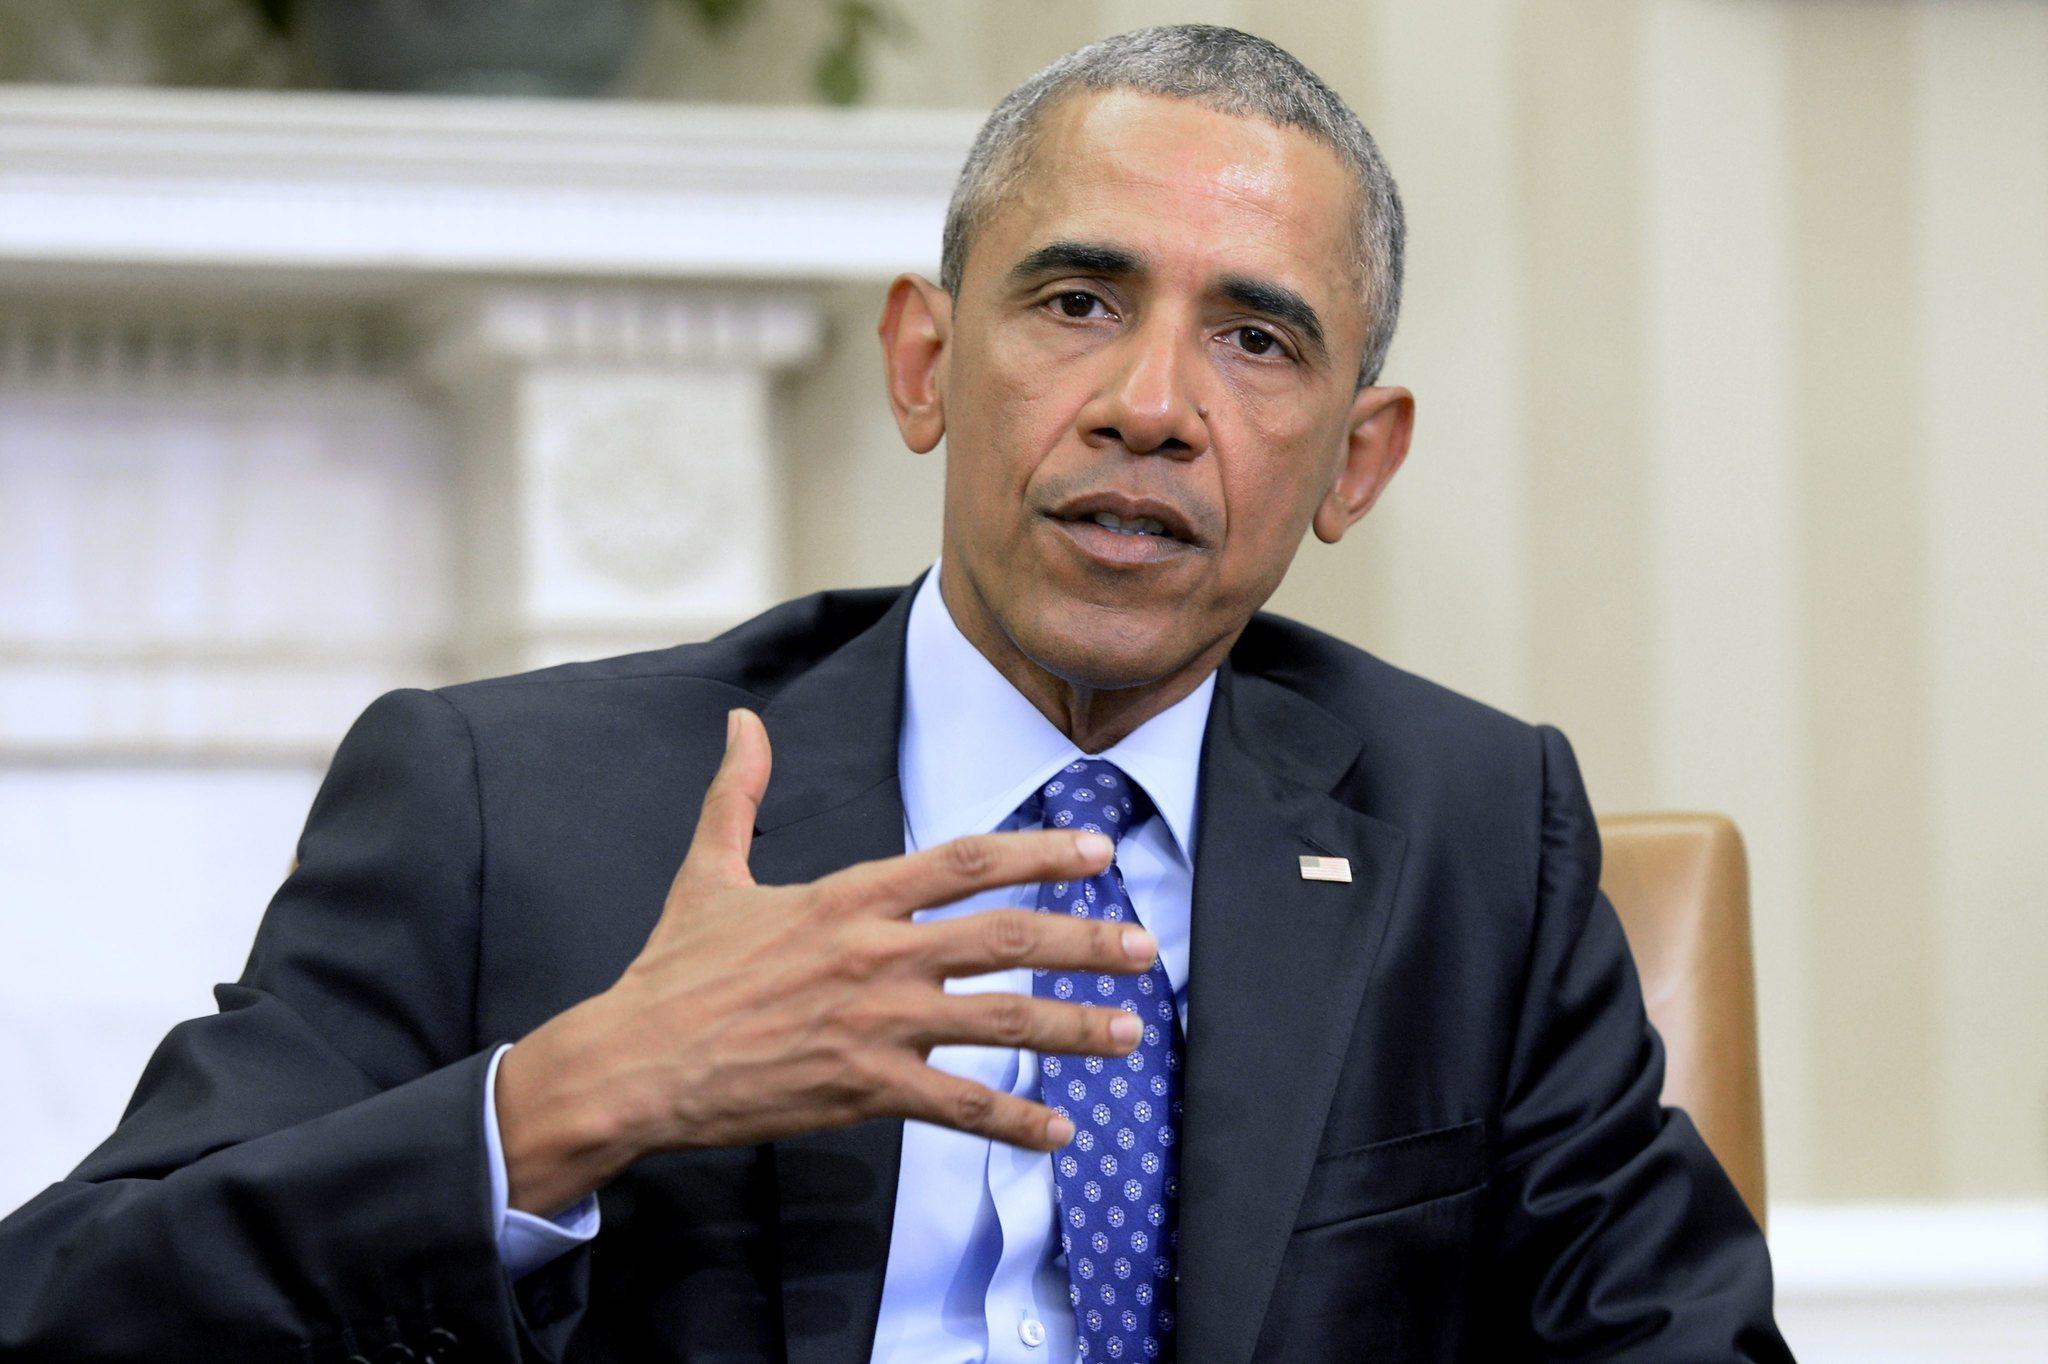 Image result for barack obama gun control